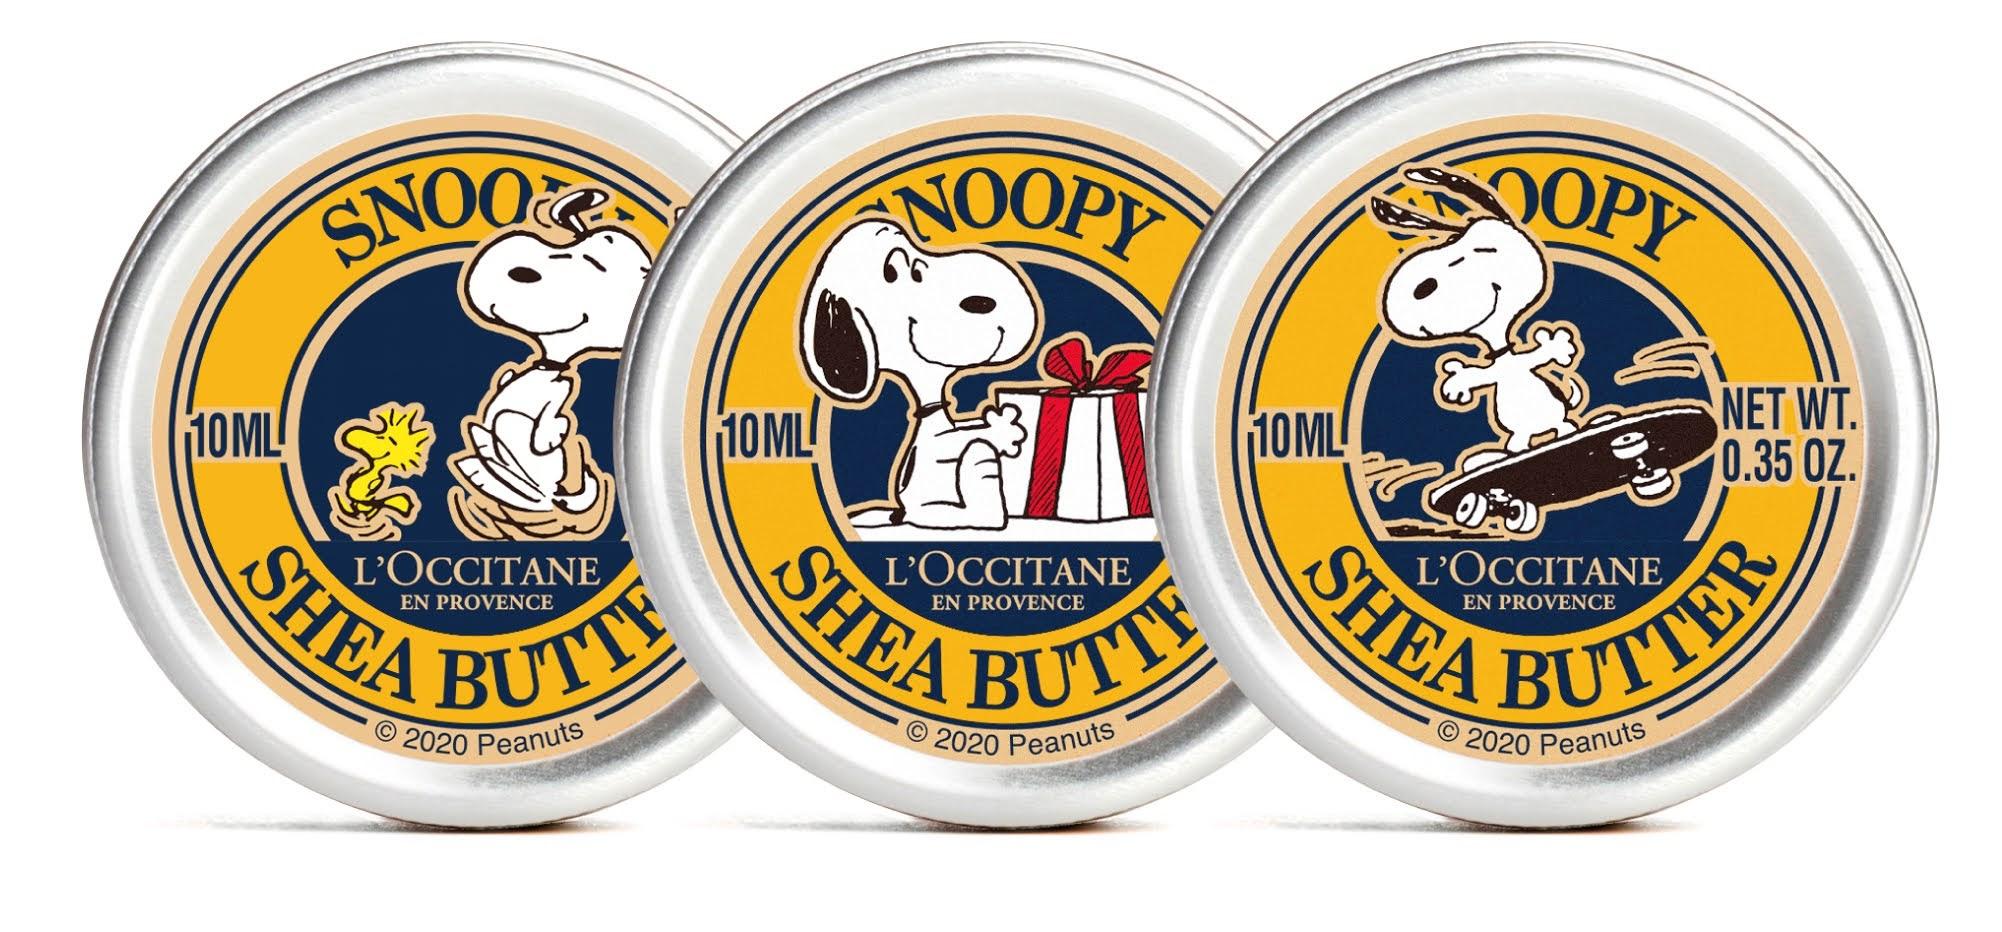 SNOOPY シアバタートリオ 3,960円(税込) キット内容:SNOOPY シアバター10ml×3